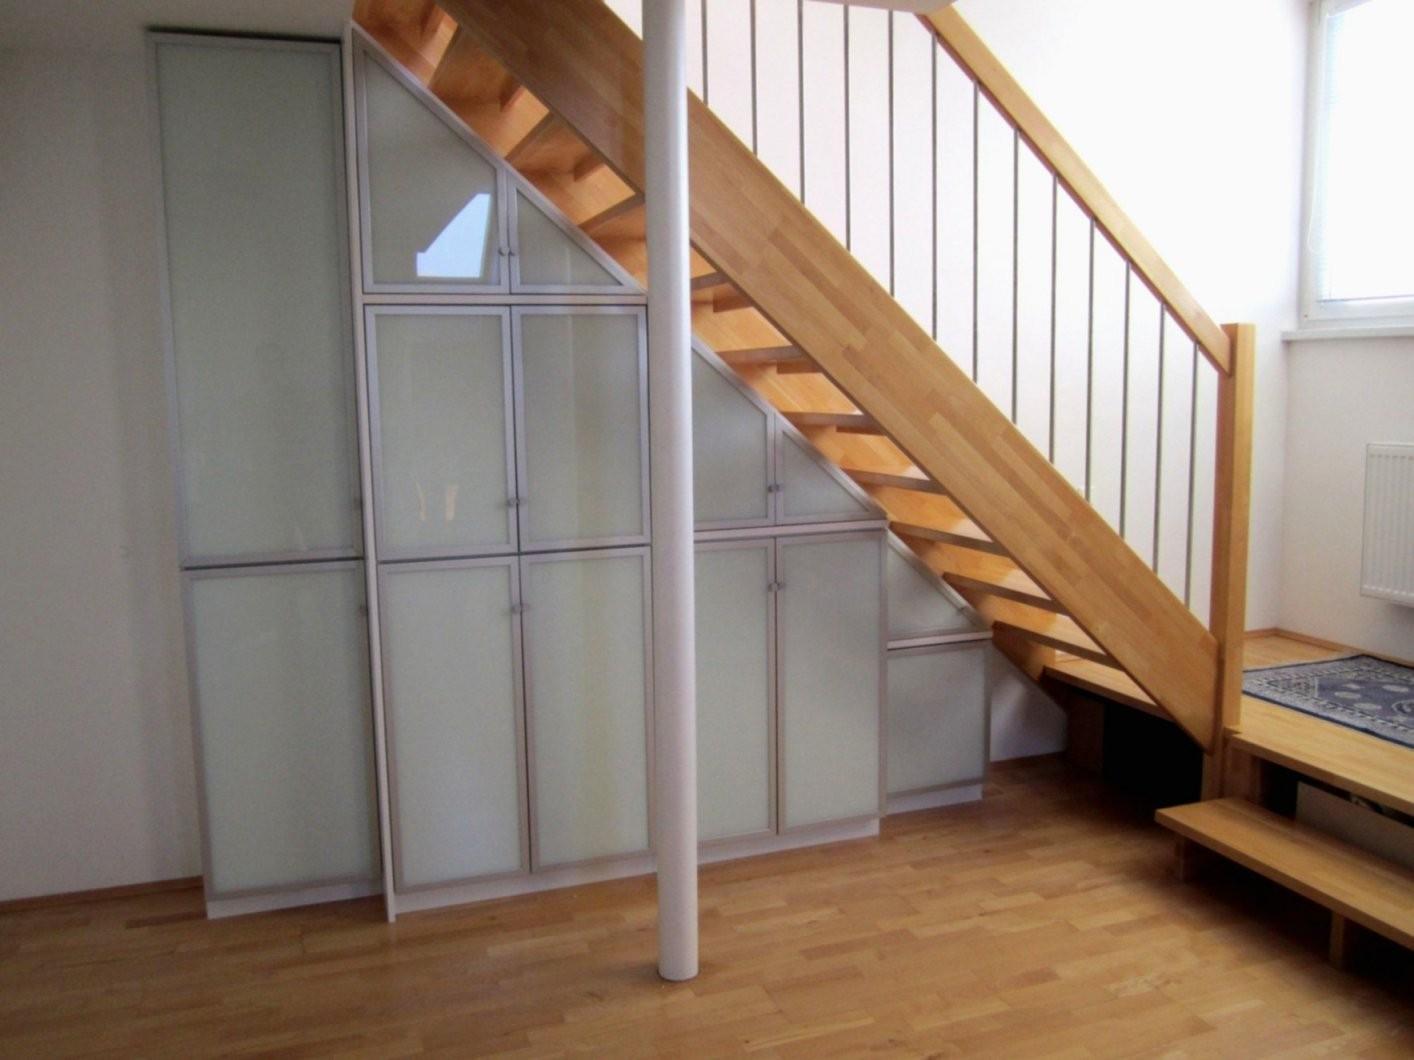 Schrank Unter Offener Treppe Selber Bauen Stauraum Unter Fener von Schrank Unter Der Treppe Bild